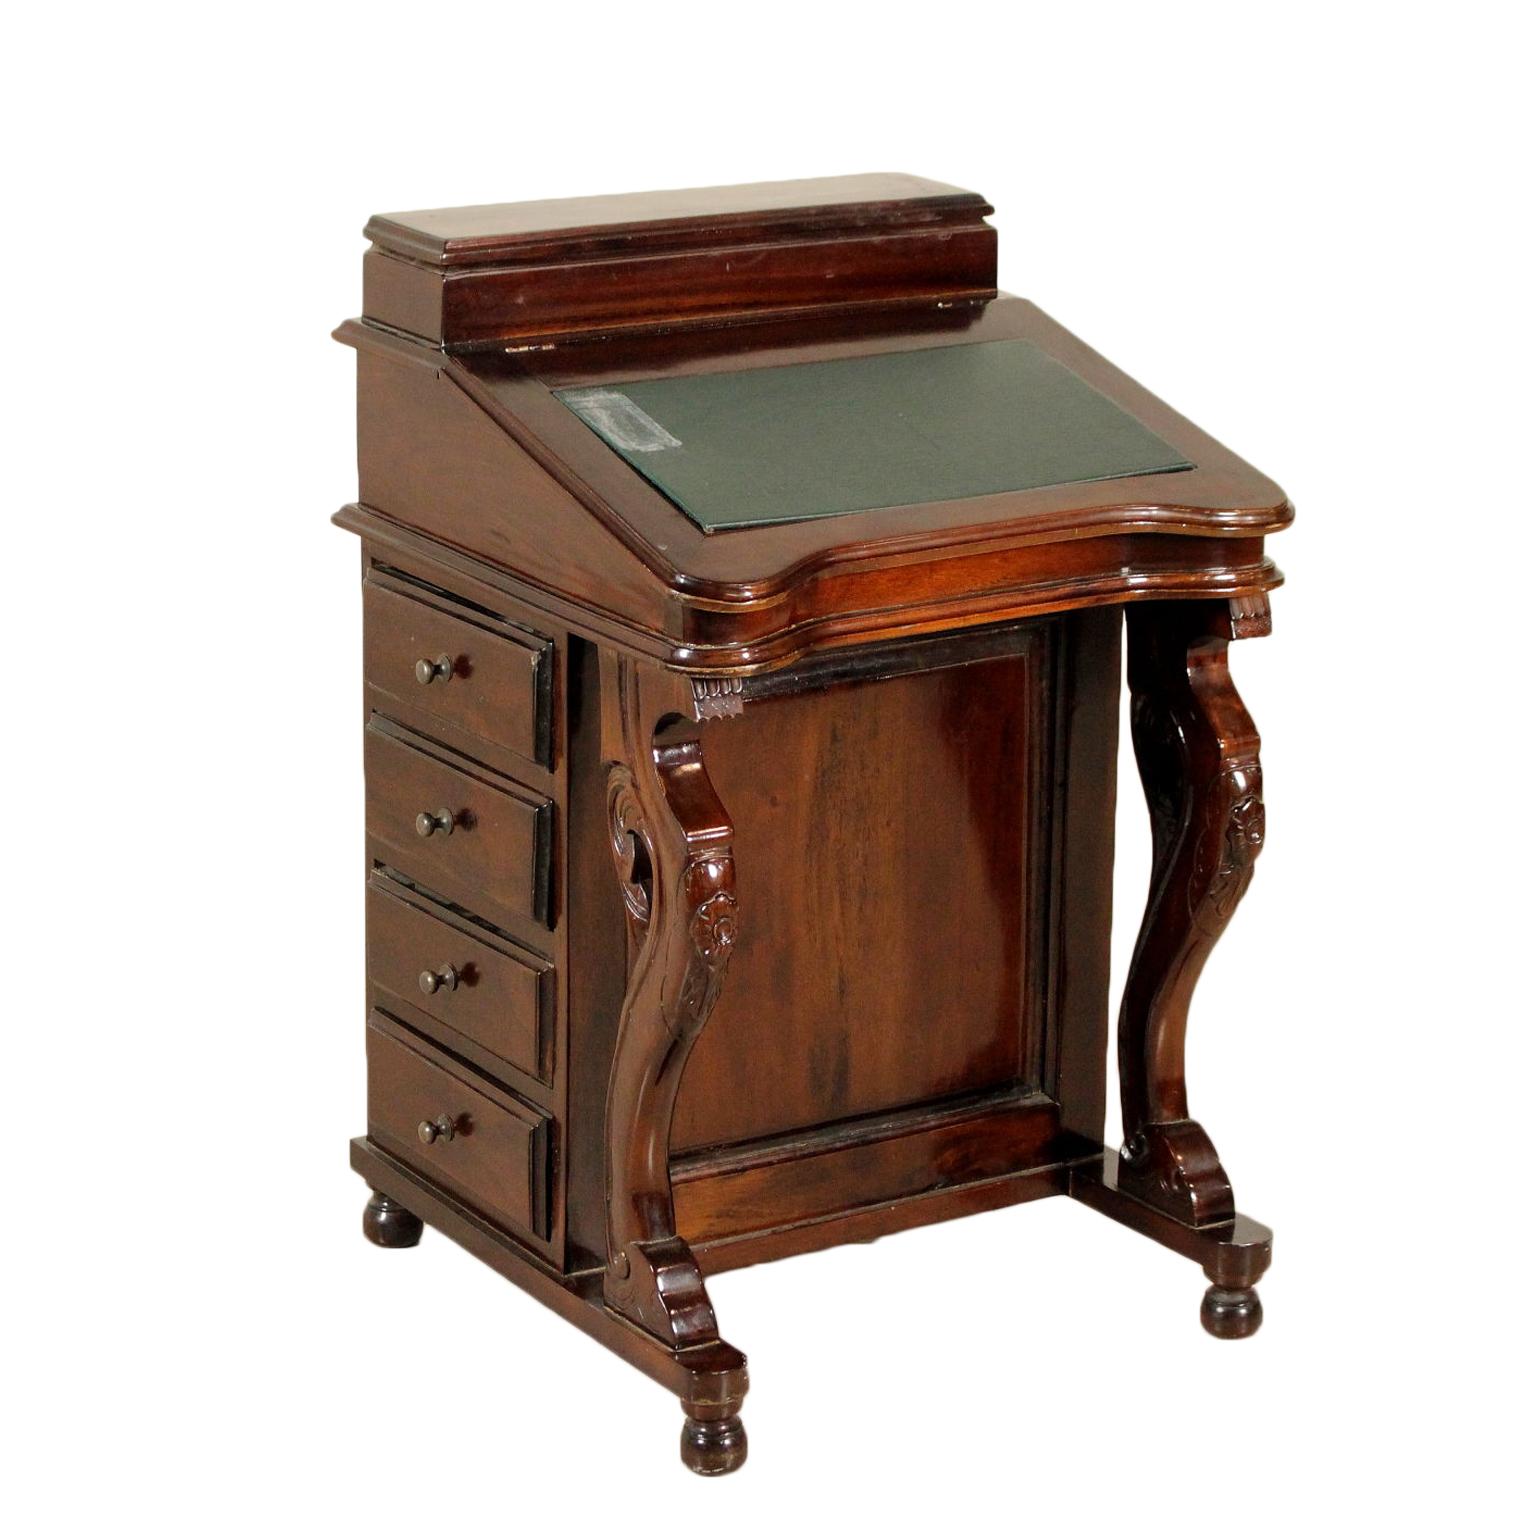 Davemport inglese mobili in stile bottega del 900 - Mobili stile inglese bianco ...